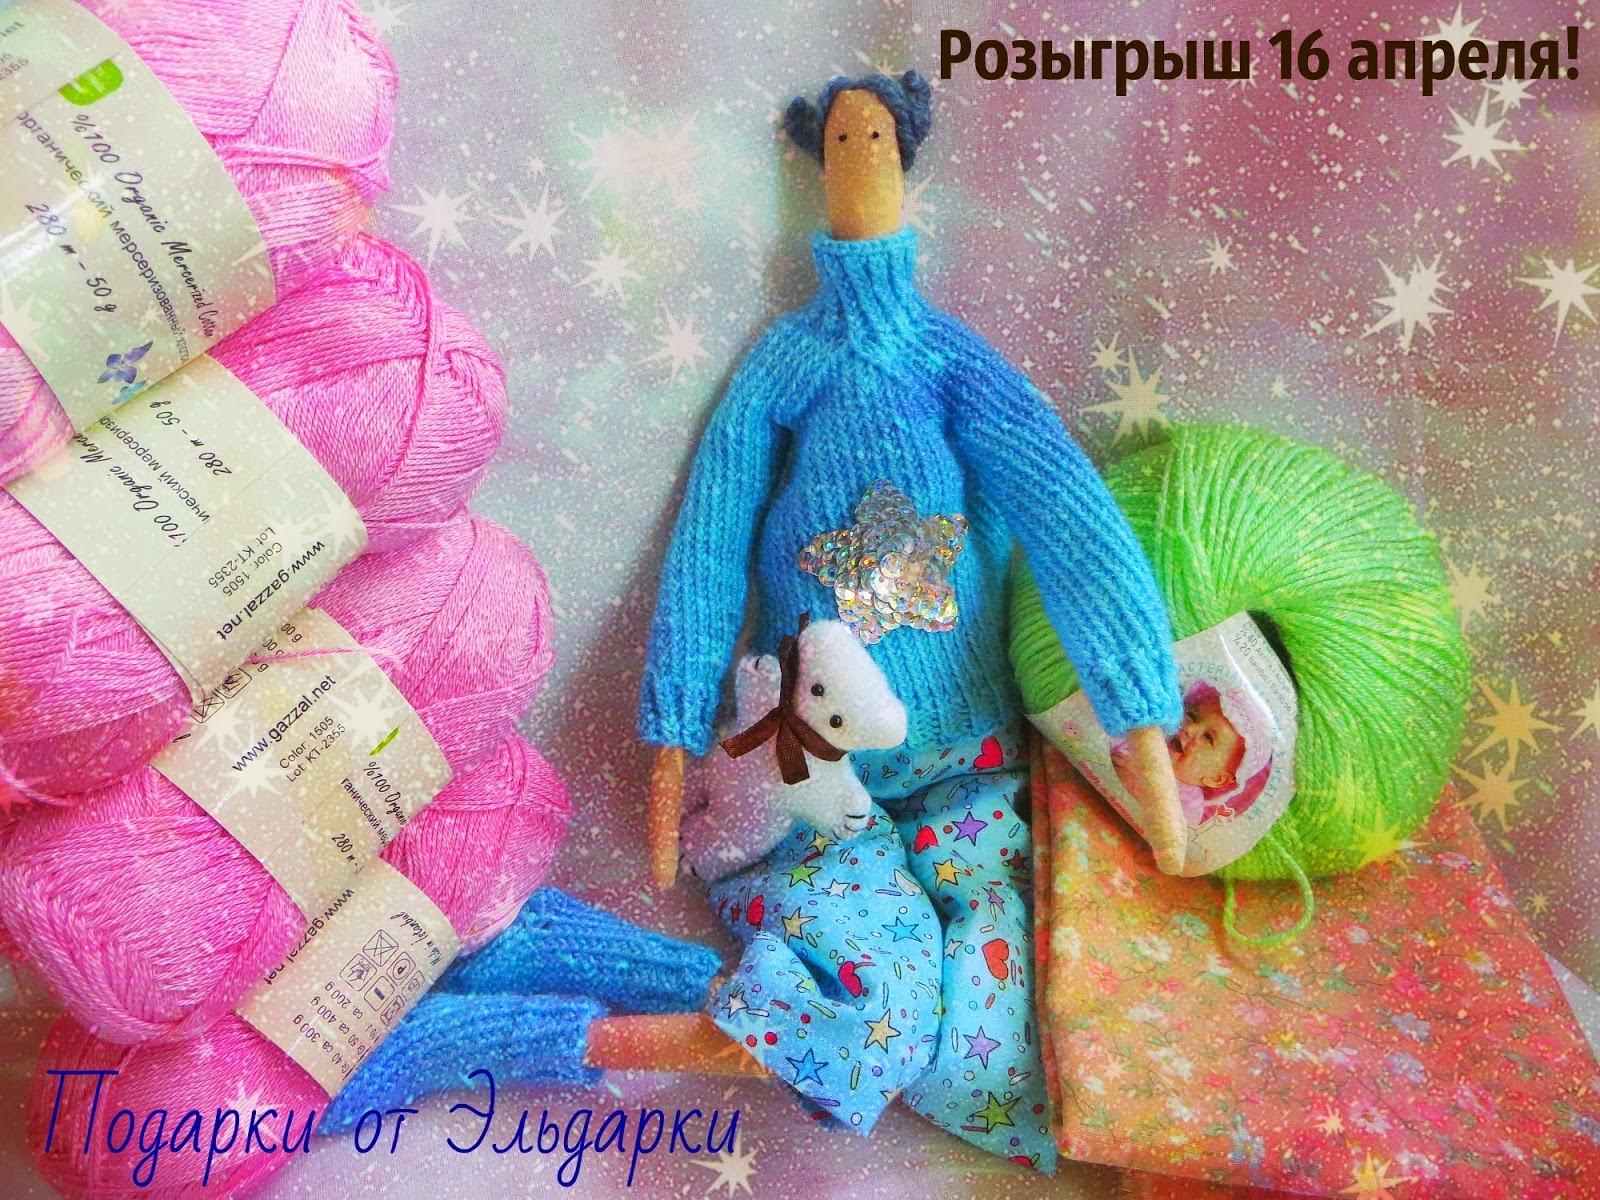 http://innaryabina.blogspot.ru/2014/02/1.html